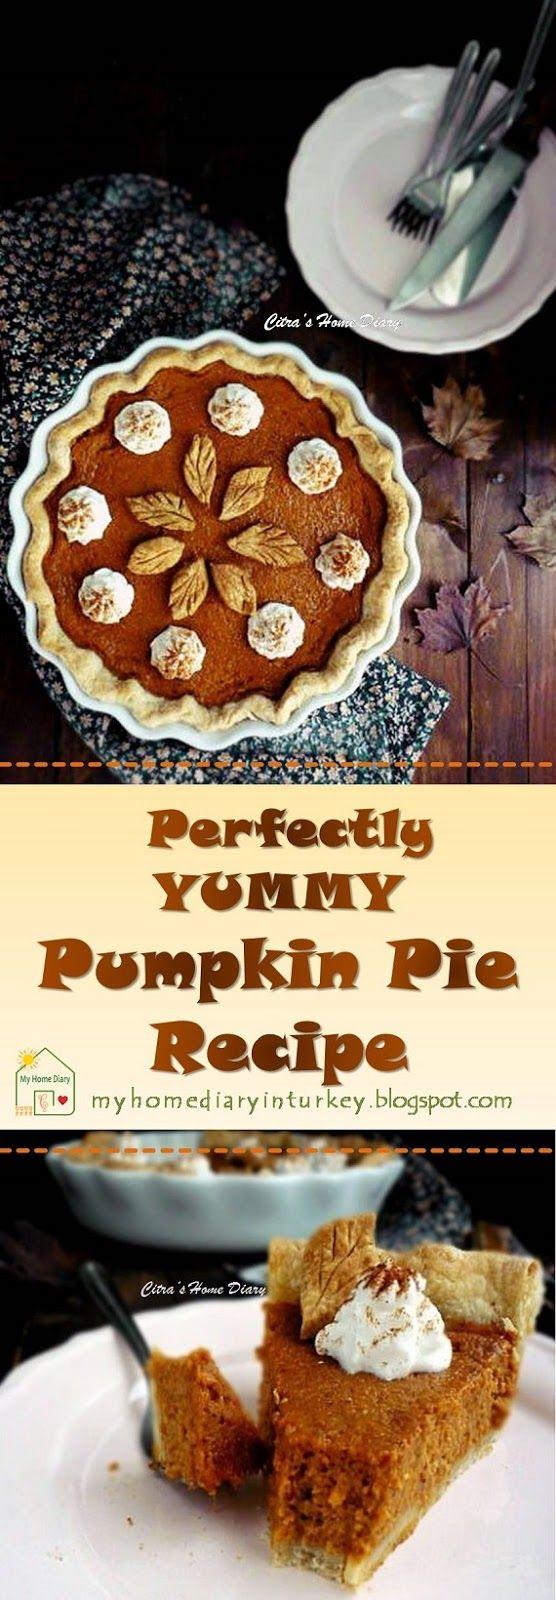 Pumpkin Pie Recipe. #pumpkin #pie #dessertpie #inseason #labukuning